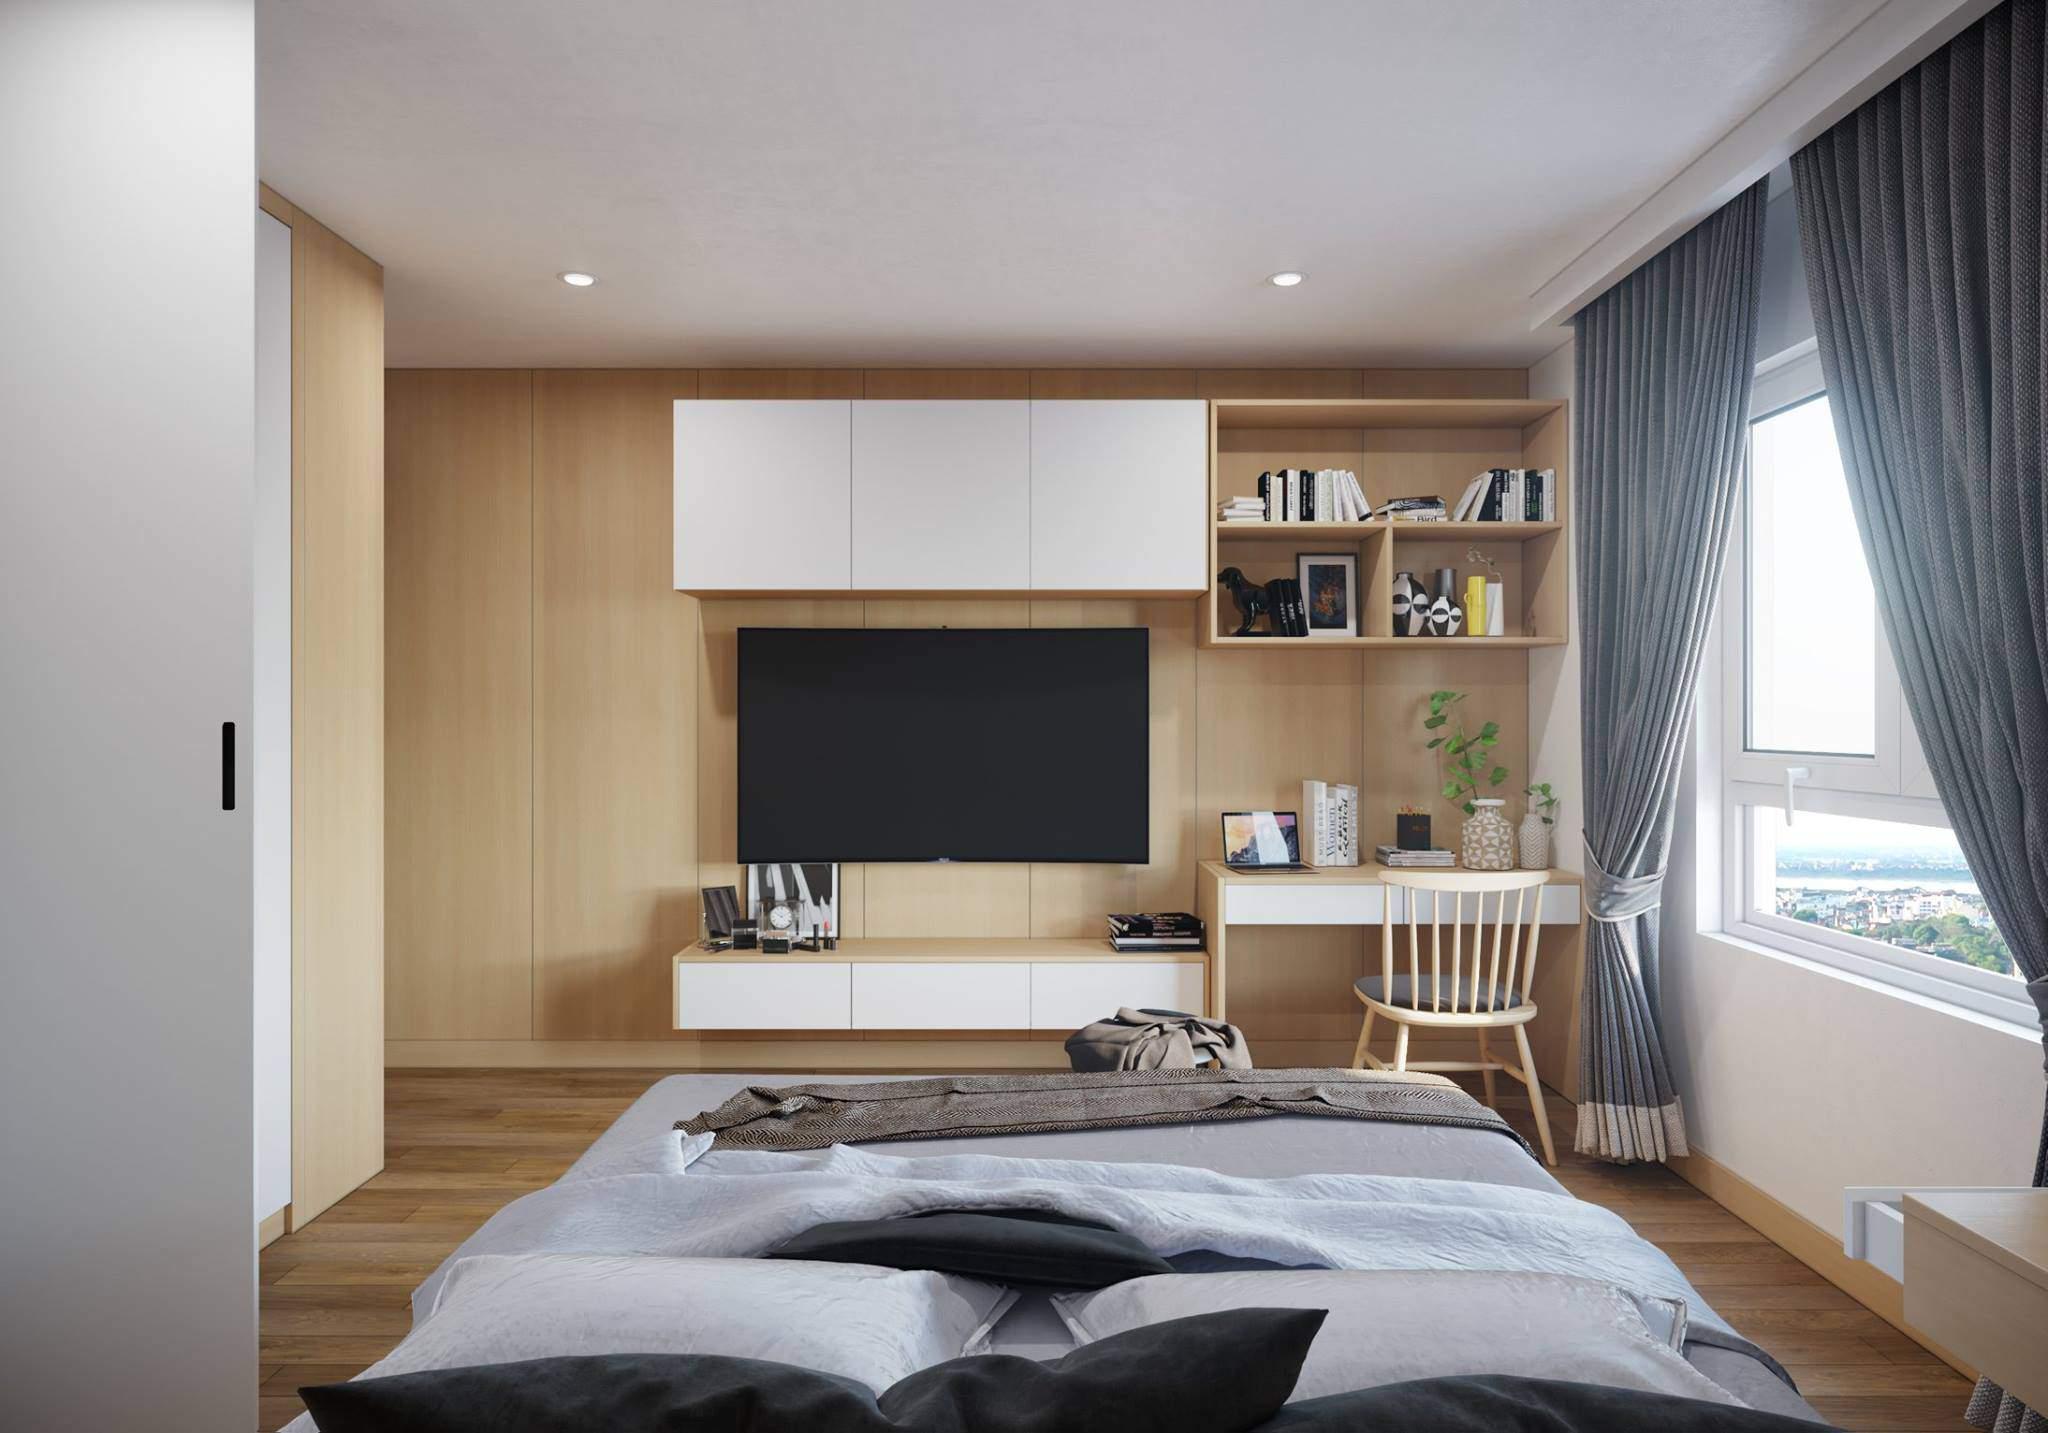 Cách bài trí đồ đặc trong phòng ngủ người mệnh mộc